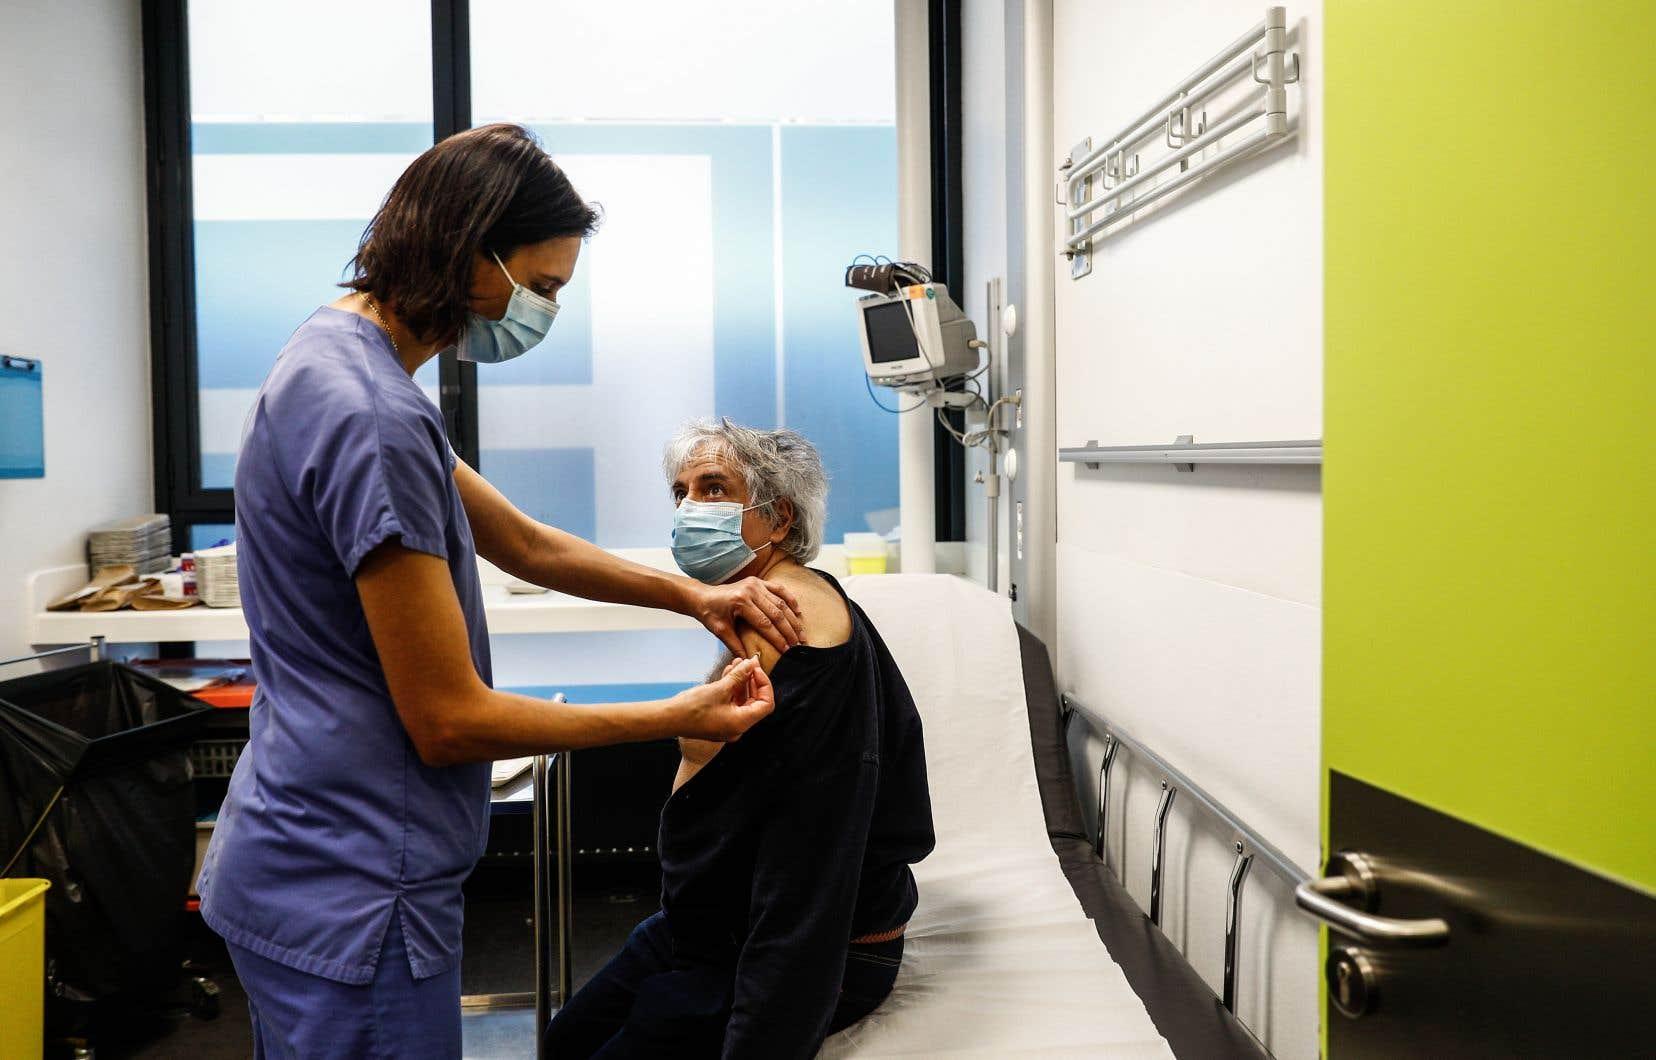 Au 1er janvier, seules 516 personnes avaient été vaccinées en France, selon le ministère de la Santé.